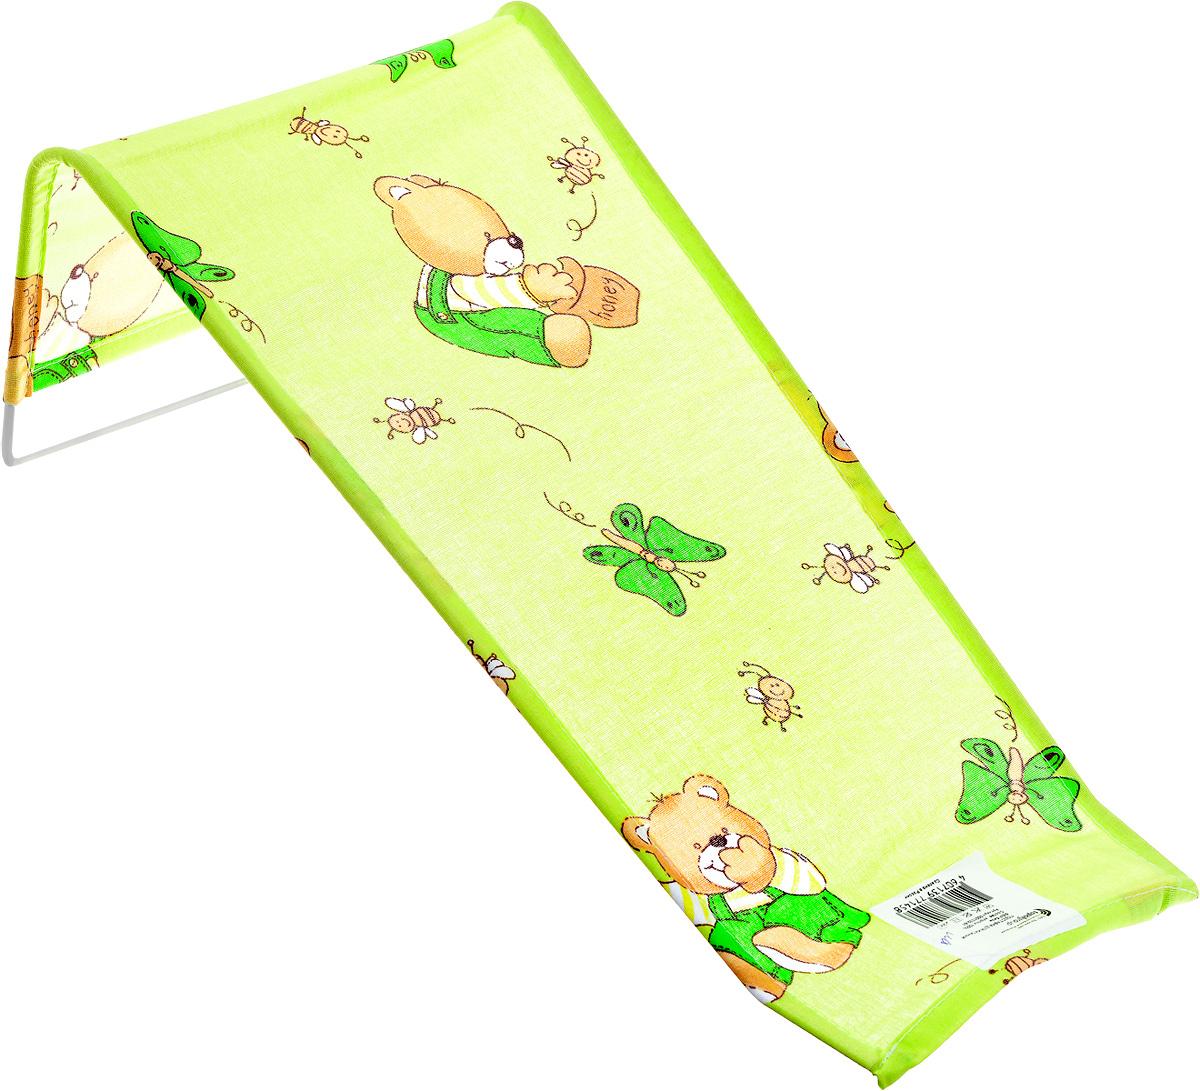 Фея Подставка для купания Мишки и бабочки1332-01_салатовый, зеленыйПодставка для купания Фея Мишки и бабочки - это удобный способ мытья и прекрасная возможность побаловать вашего малыша. Эргономичный дизайн подставки разработан специально для комфорта и безопасности вашего ребенка. Основу подставки составляет металлический каркас, обтянутый тканью. Подарите своему малышу радость и комфорт во время купания! Подставка предназначена для купания детей в возрасте до 1 года. Фея - это качественные и надежные товары для малышей, которые может позволить себе каждая семья! Правила ухода за чехлом: после использования хорошо просушить. Запрещается использование моющих средств, содержащих щелочь.